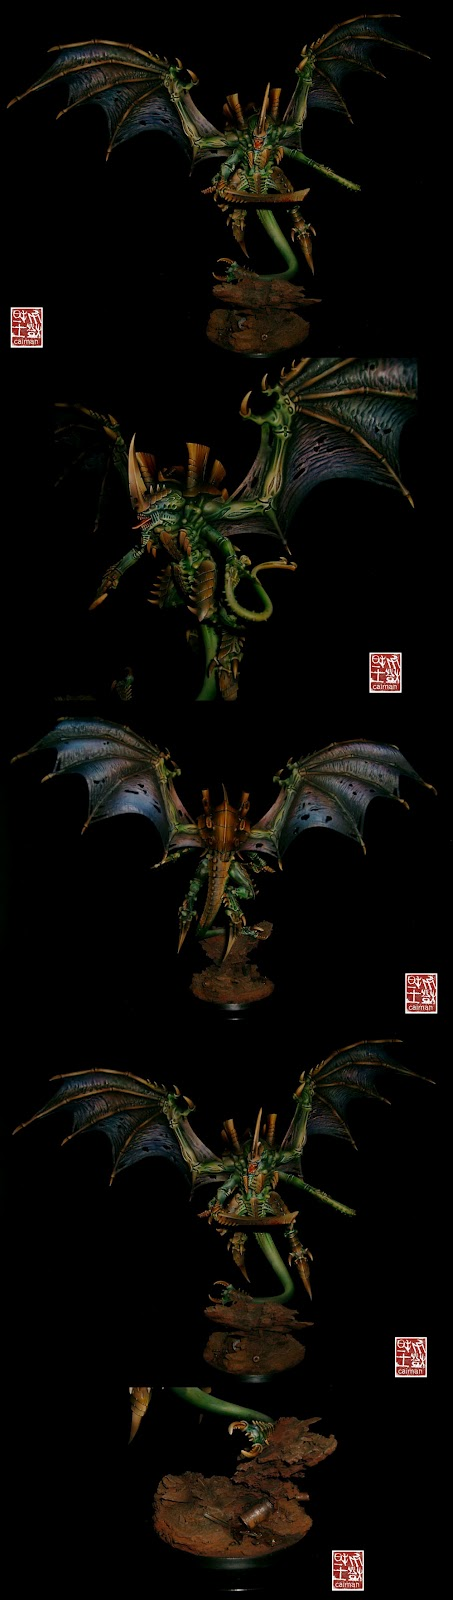 Games Day: Golden Demon de Oro con un tirano de enjambre Warhammer 40000